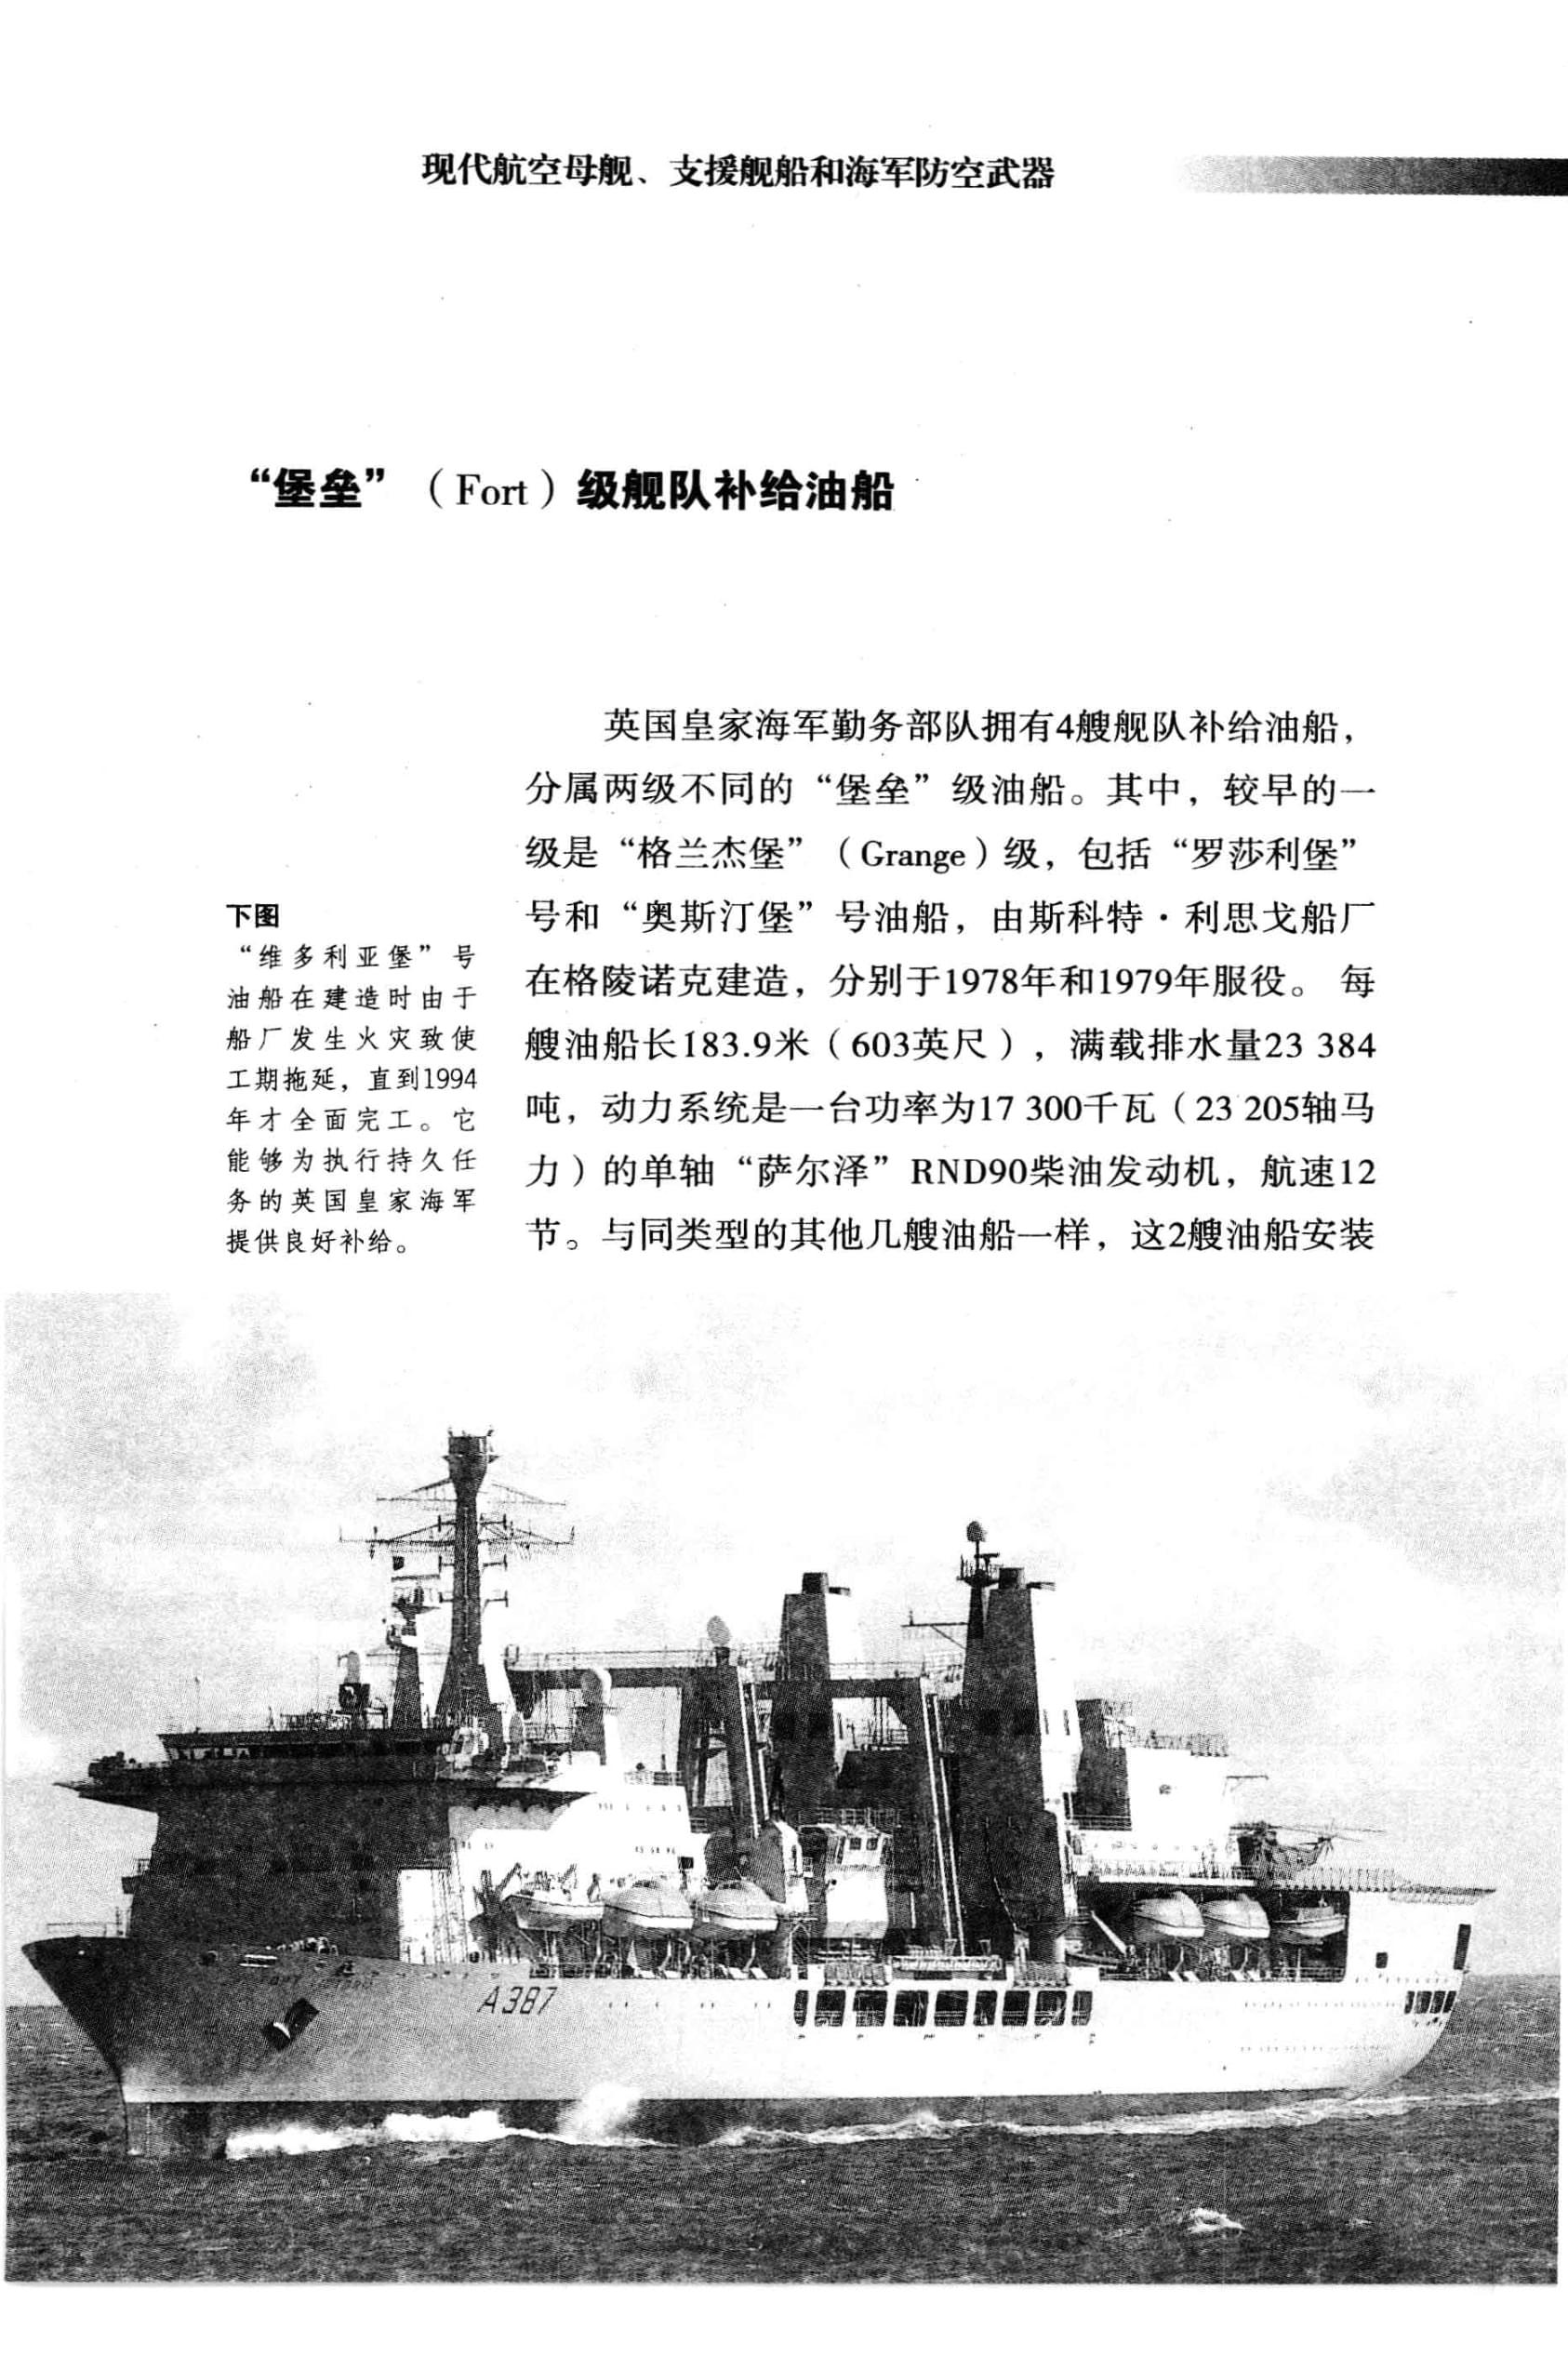 船舶博物馆 支援舰船 13.堡垒级舰队补给油船.pptx